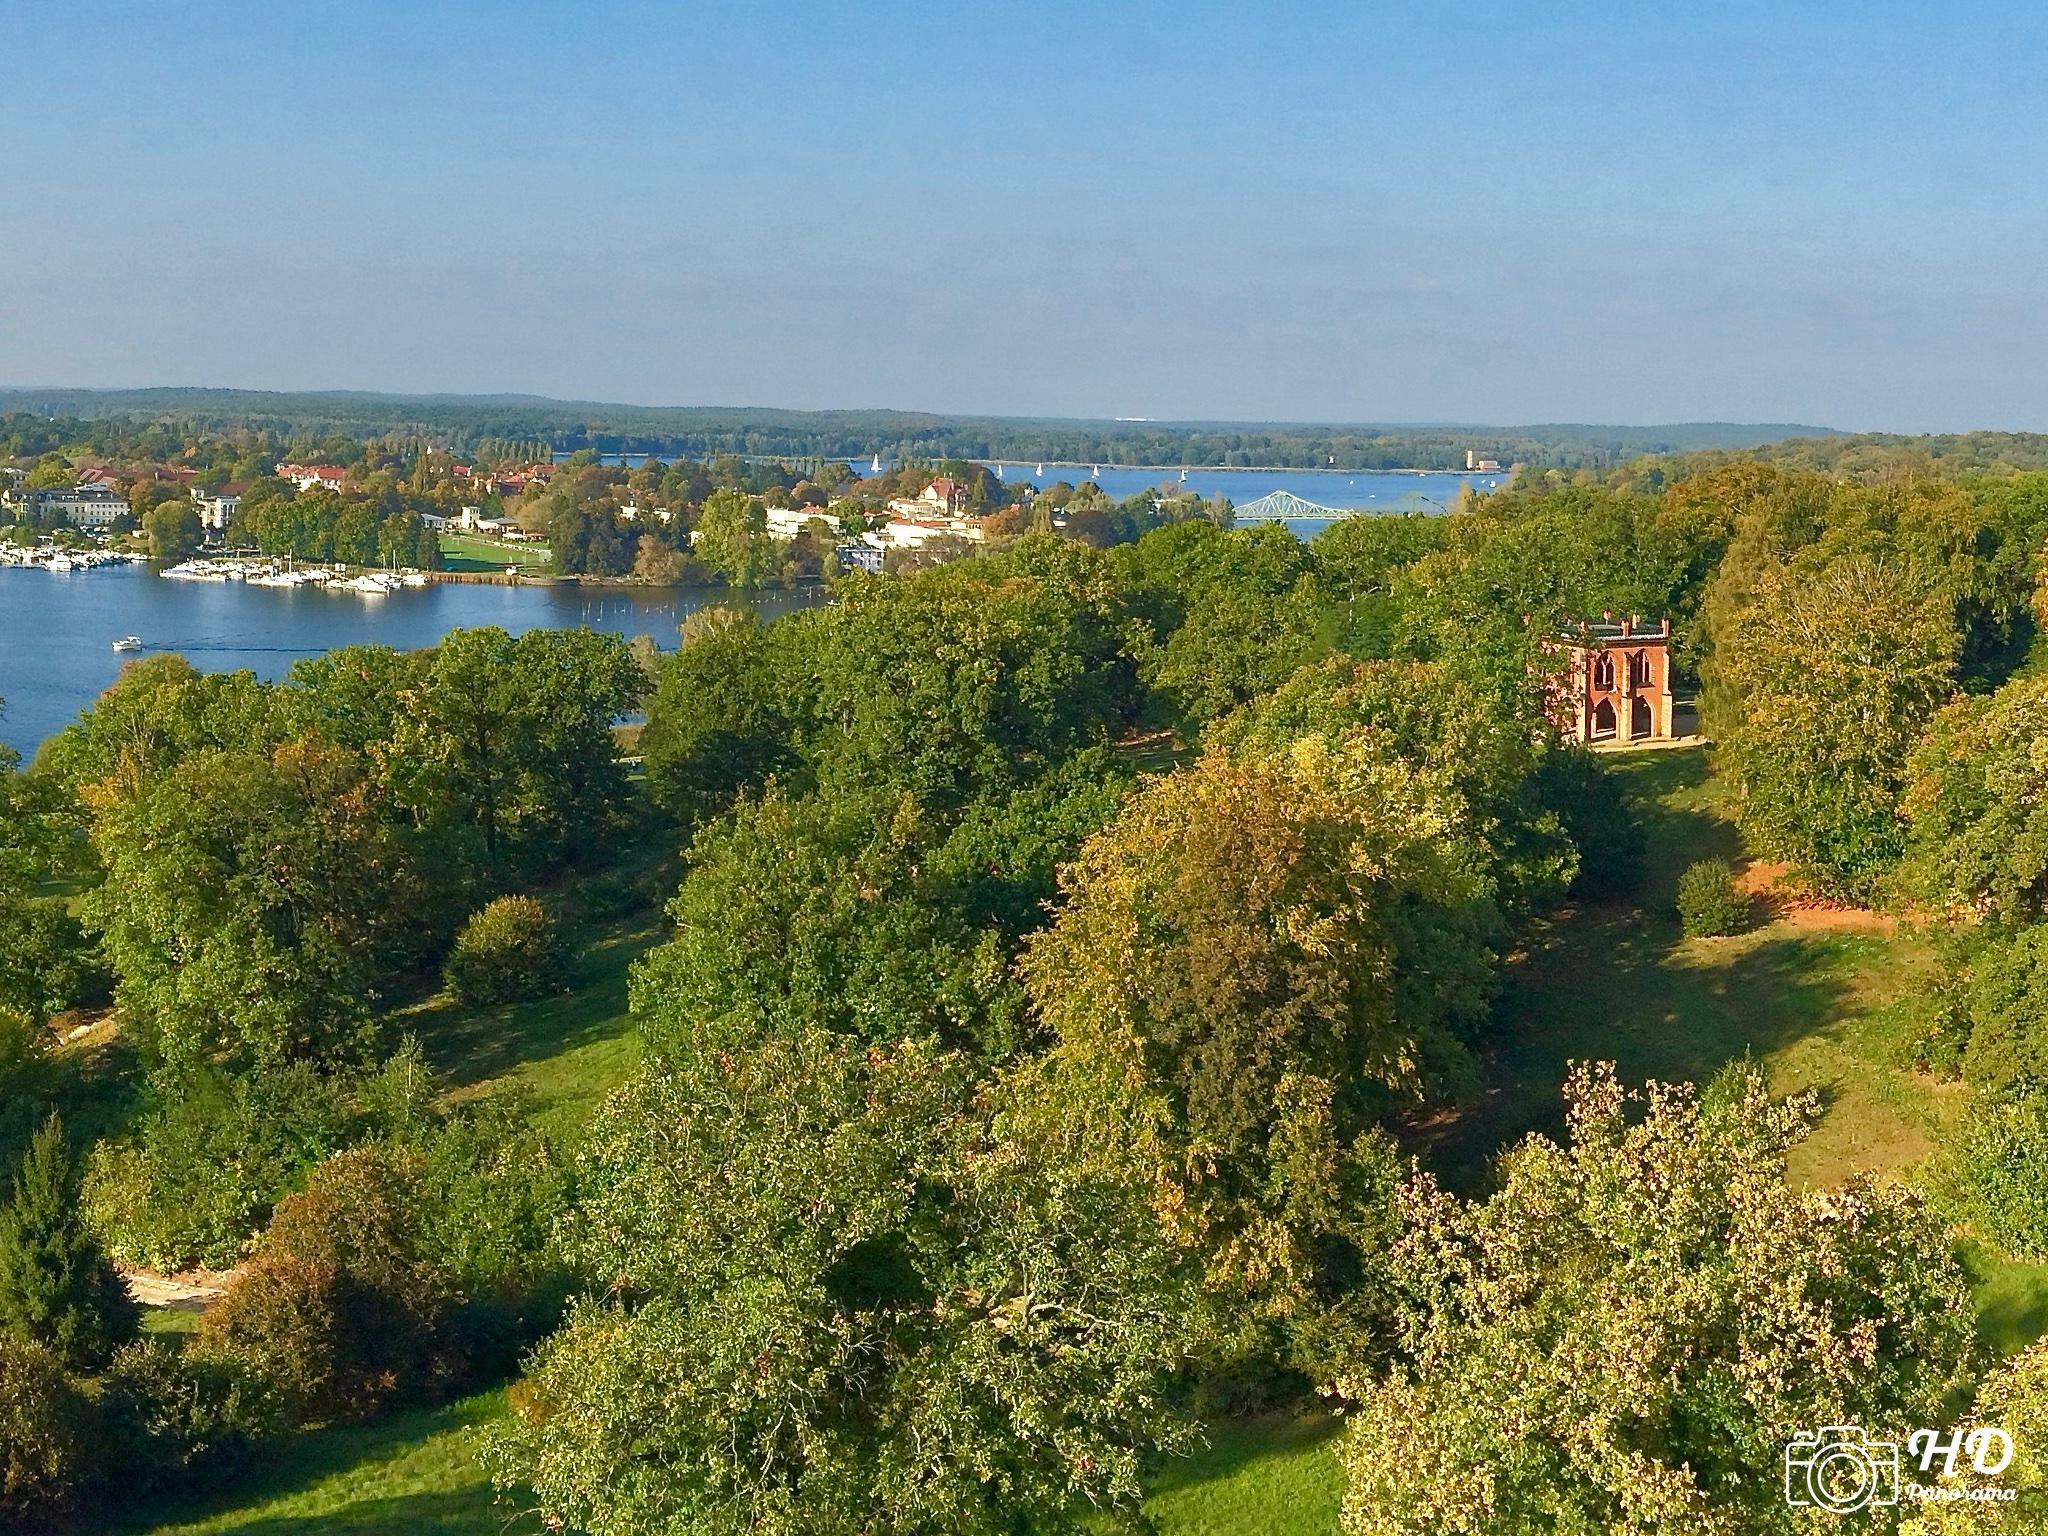 Panorama Flatowturm im Park Babelsberg mit Blickrichtung nach Osten, im Vordergrund die Gerichtslaube und dahinter die Glienicker Brücke - HD-Panorama © René Blanke